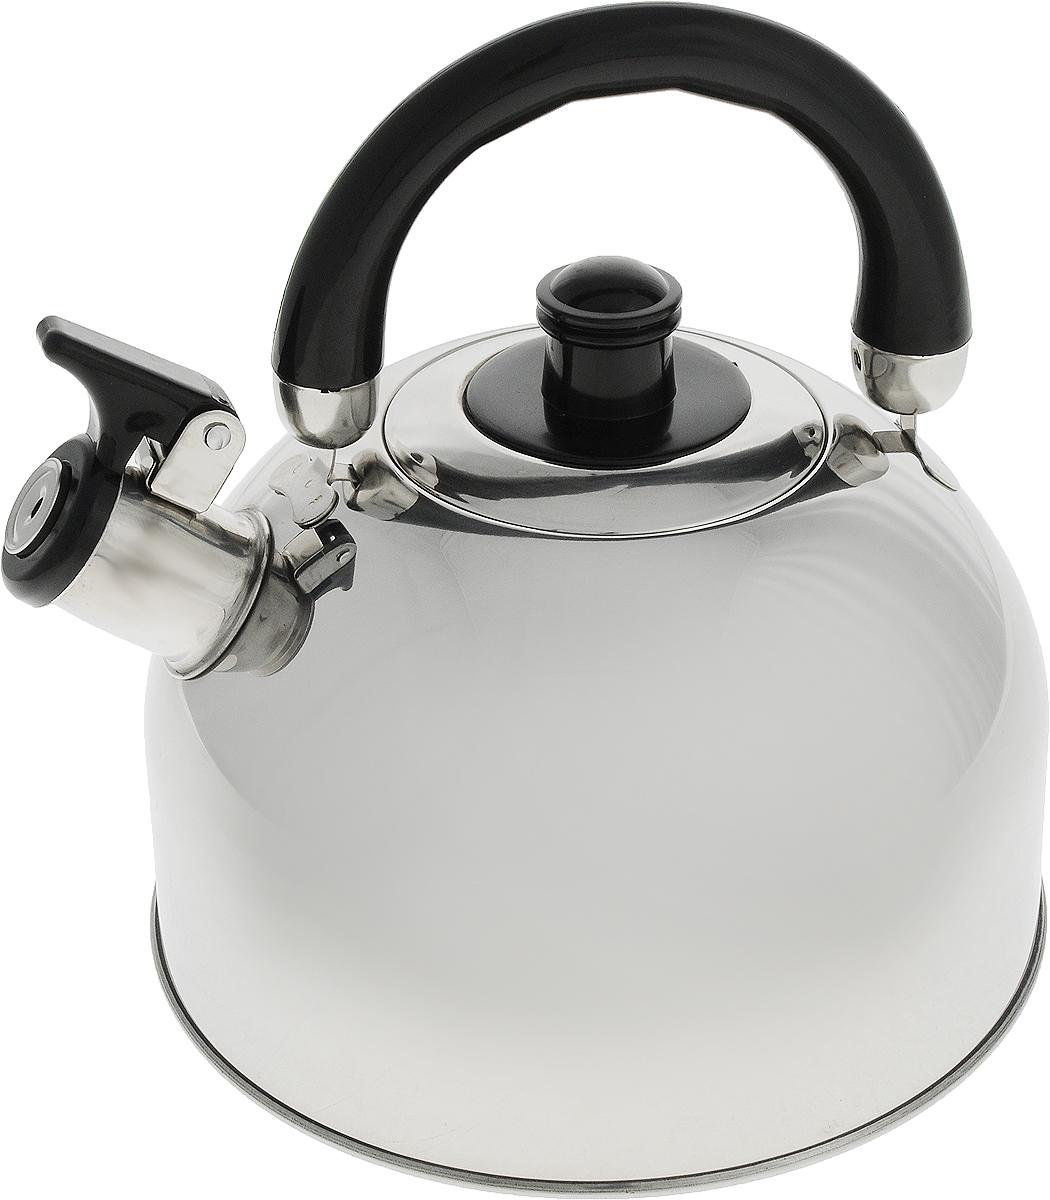 Чайник Travola, со свистком, 2,5 л. HSK-004.001 travola smg 179 мясорубка